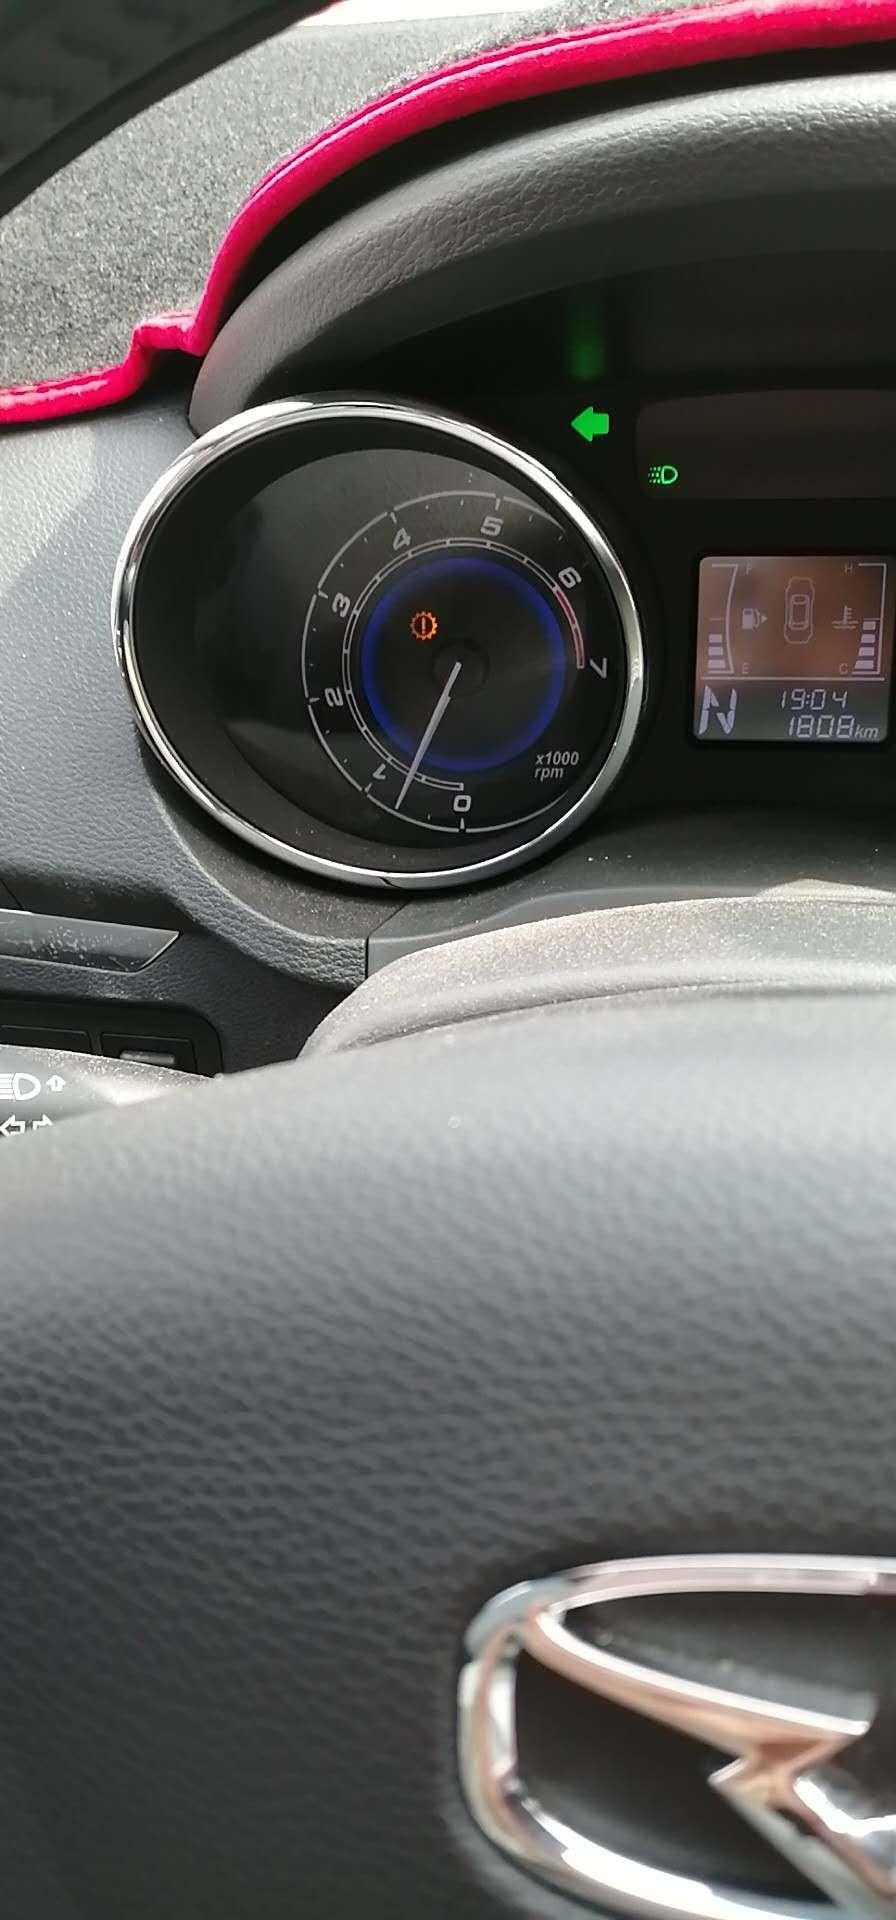 凯翼-凯翼E3 新买的车两个月不到变速箱就坏了